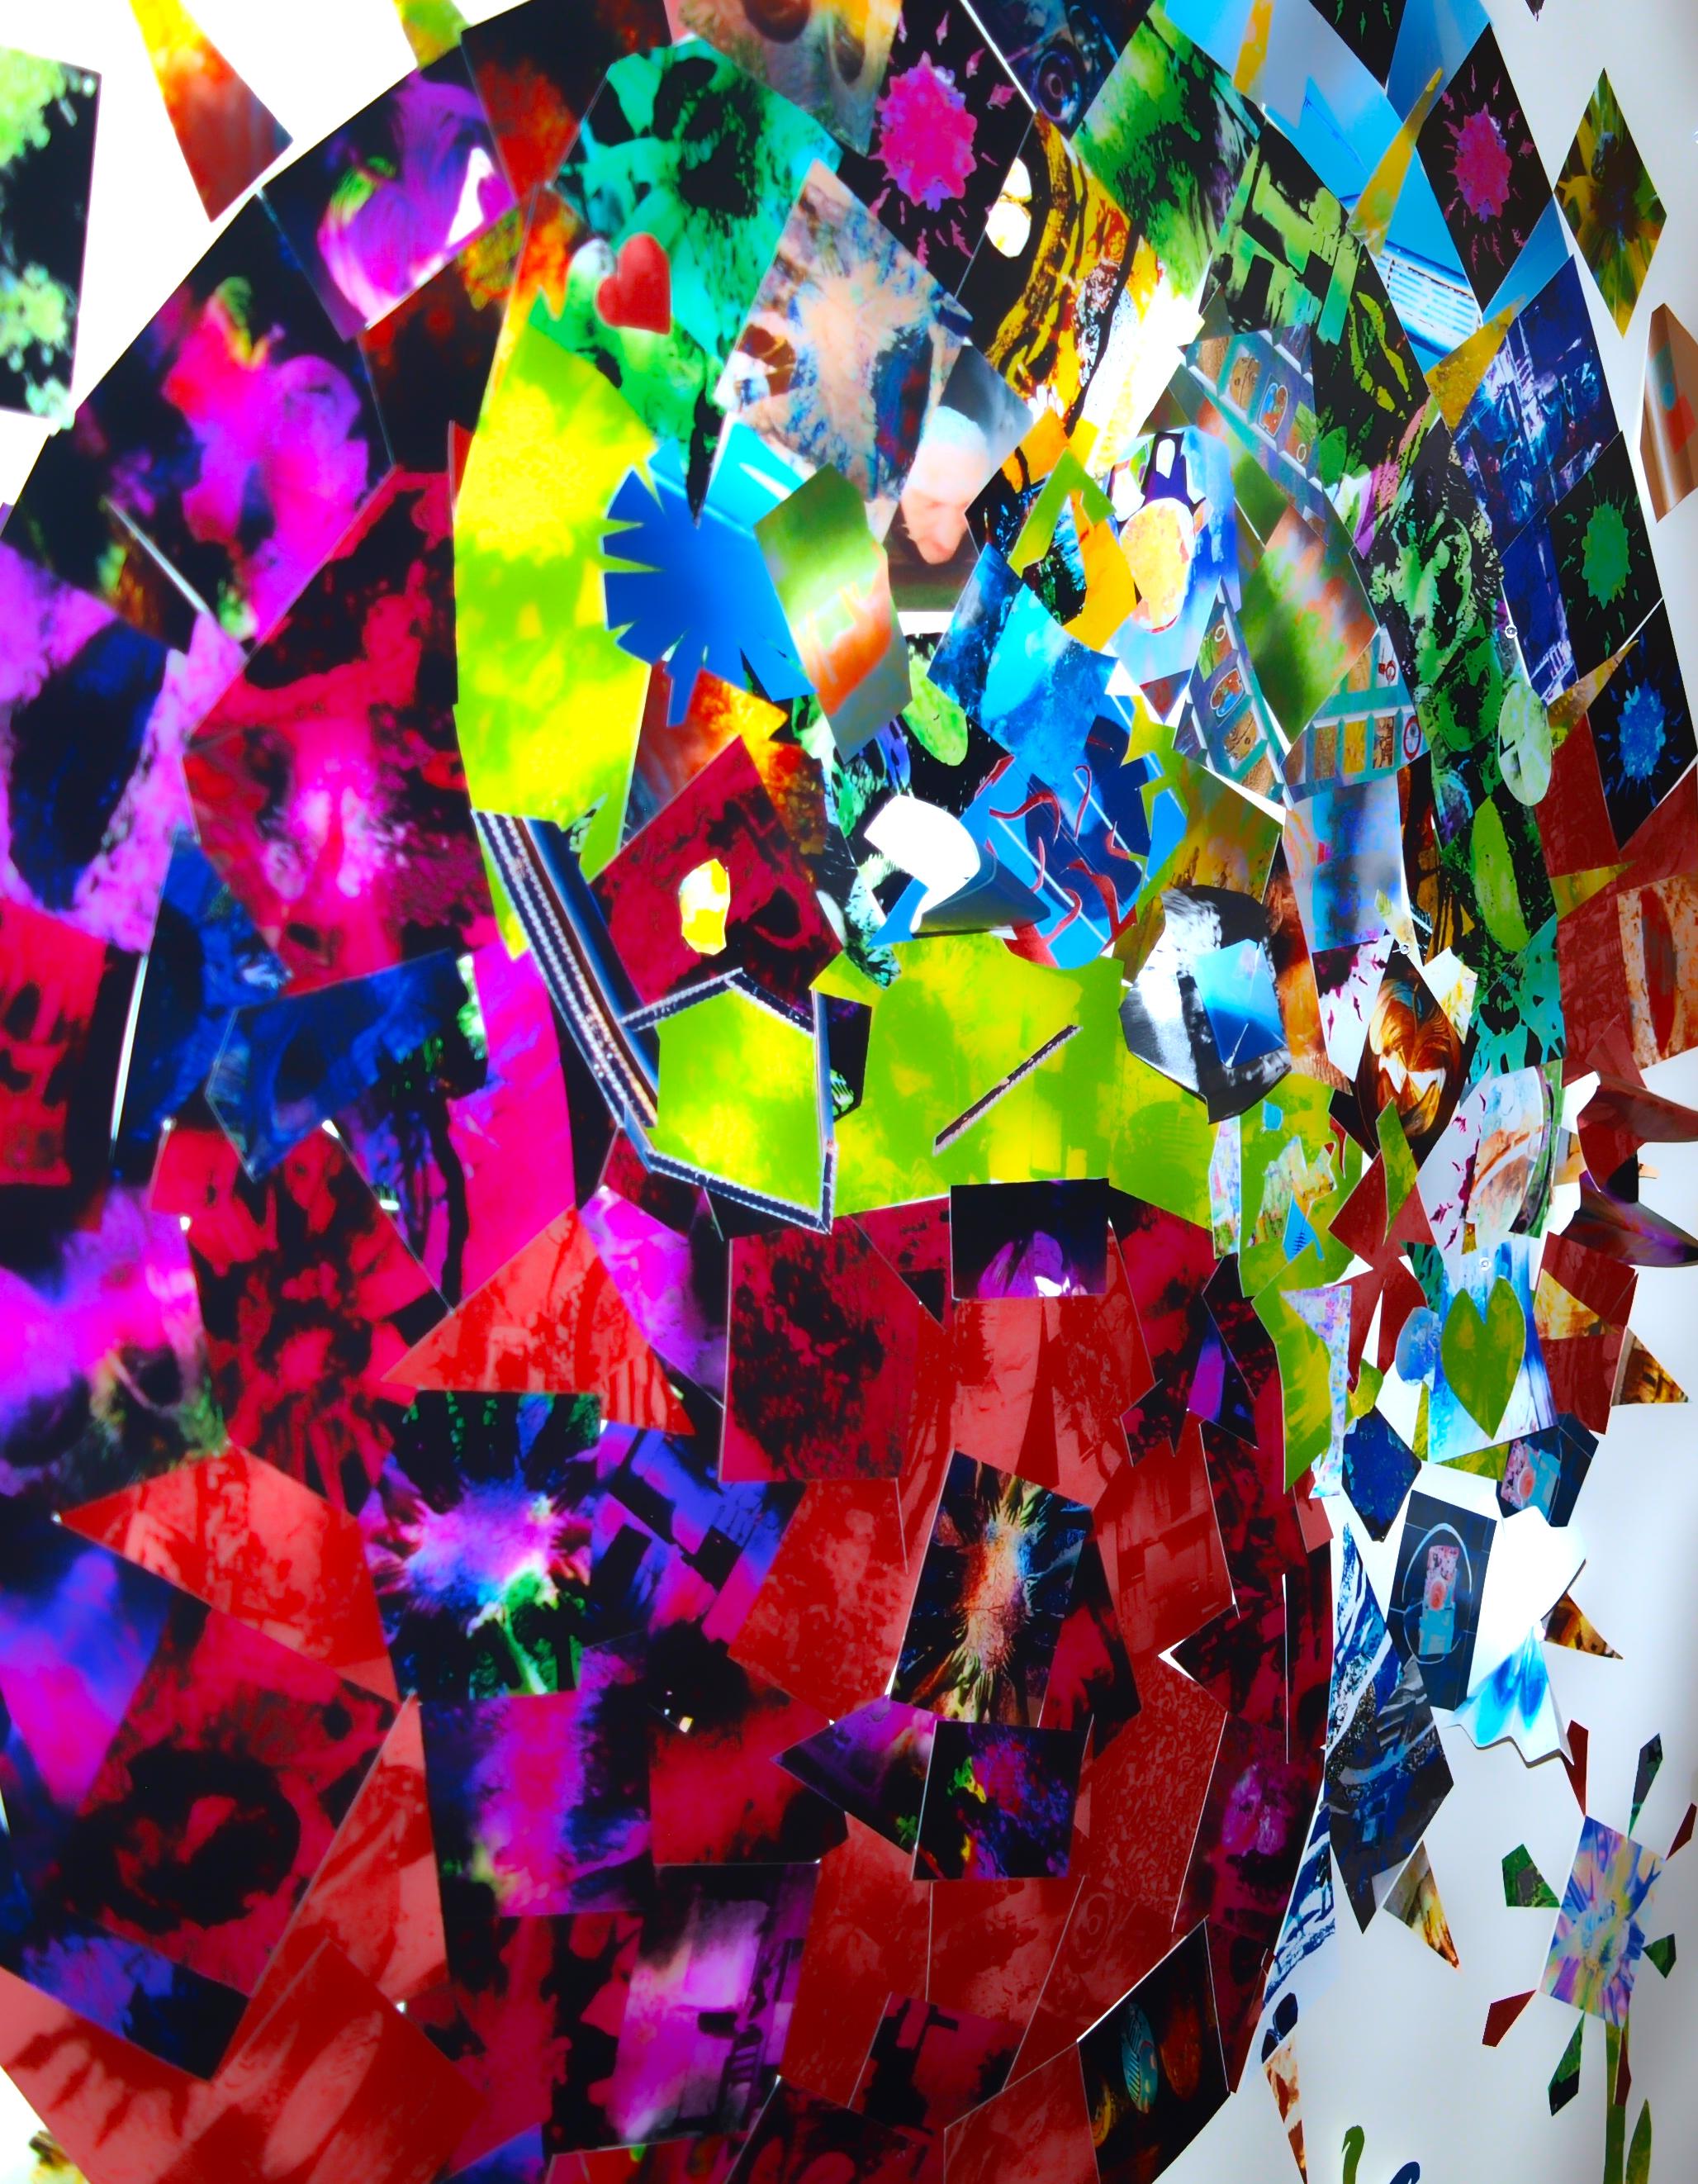 Detail des gemeinsam gestalteten Kunstwerkes.